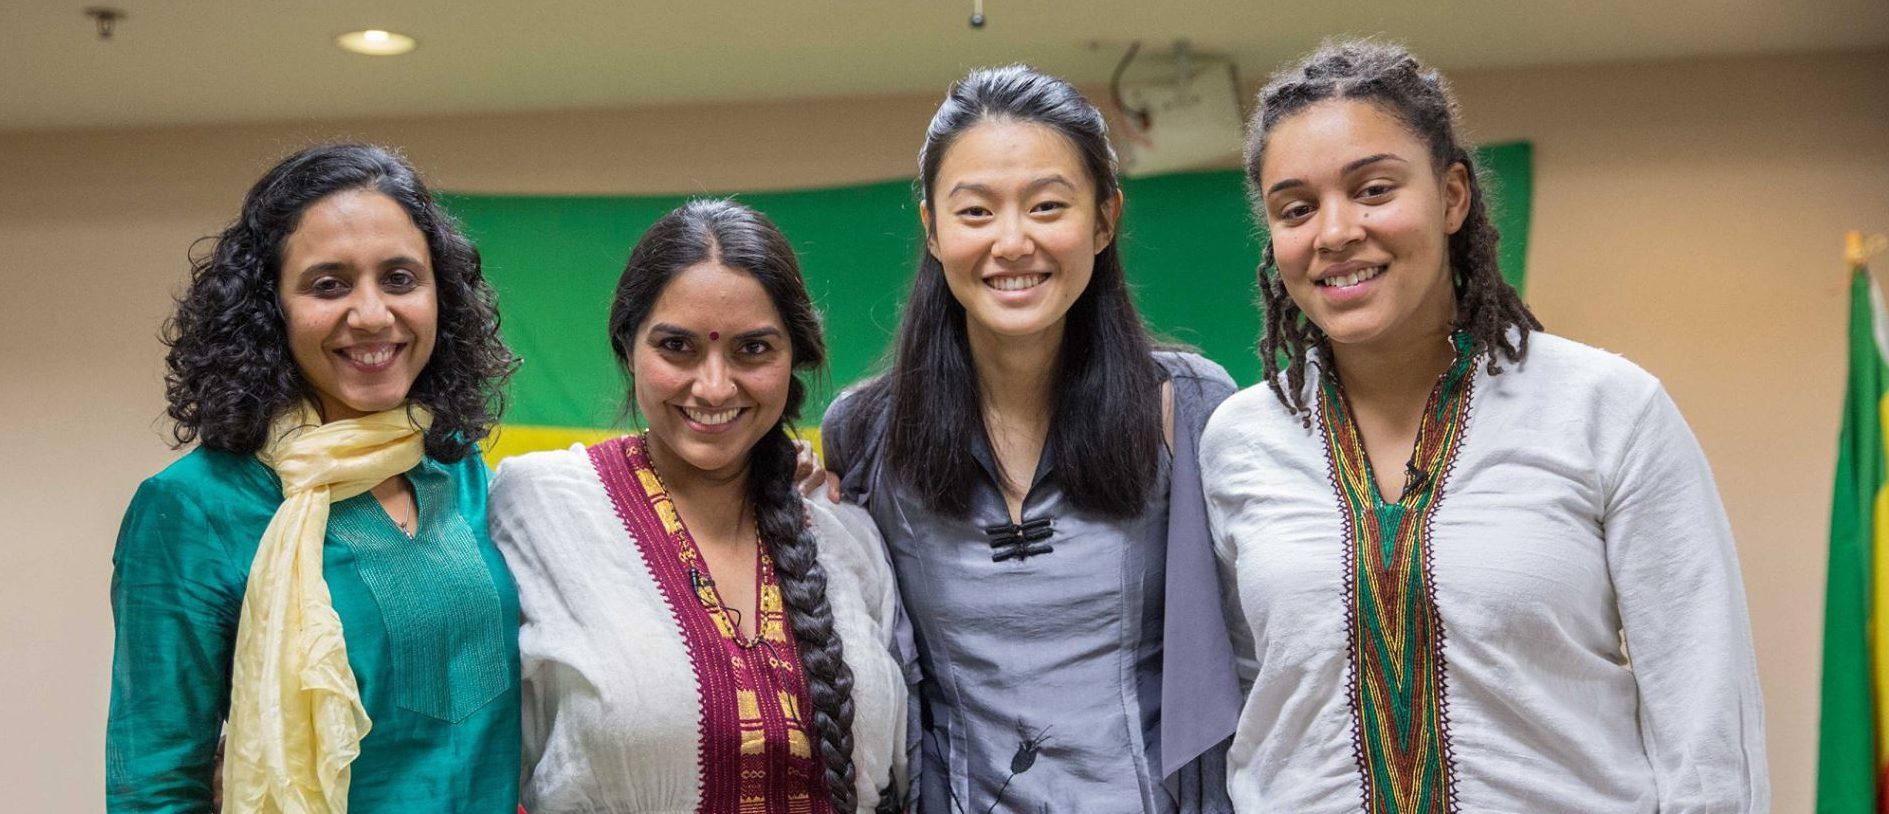 Sarra Tekola, Afrin Sopariwala, Yin Yu, and Zarna Joshi.